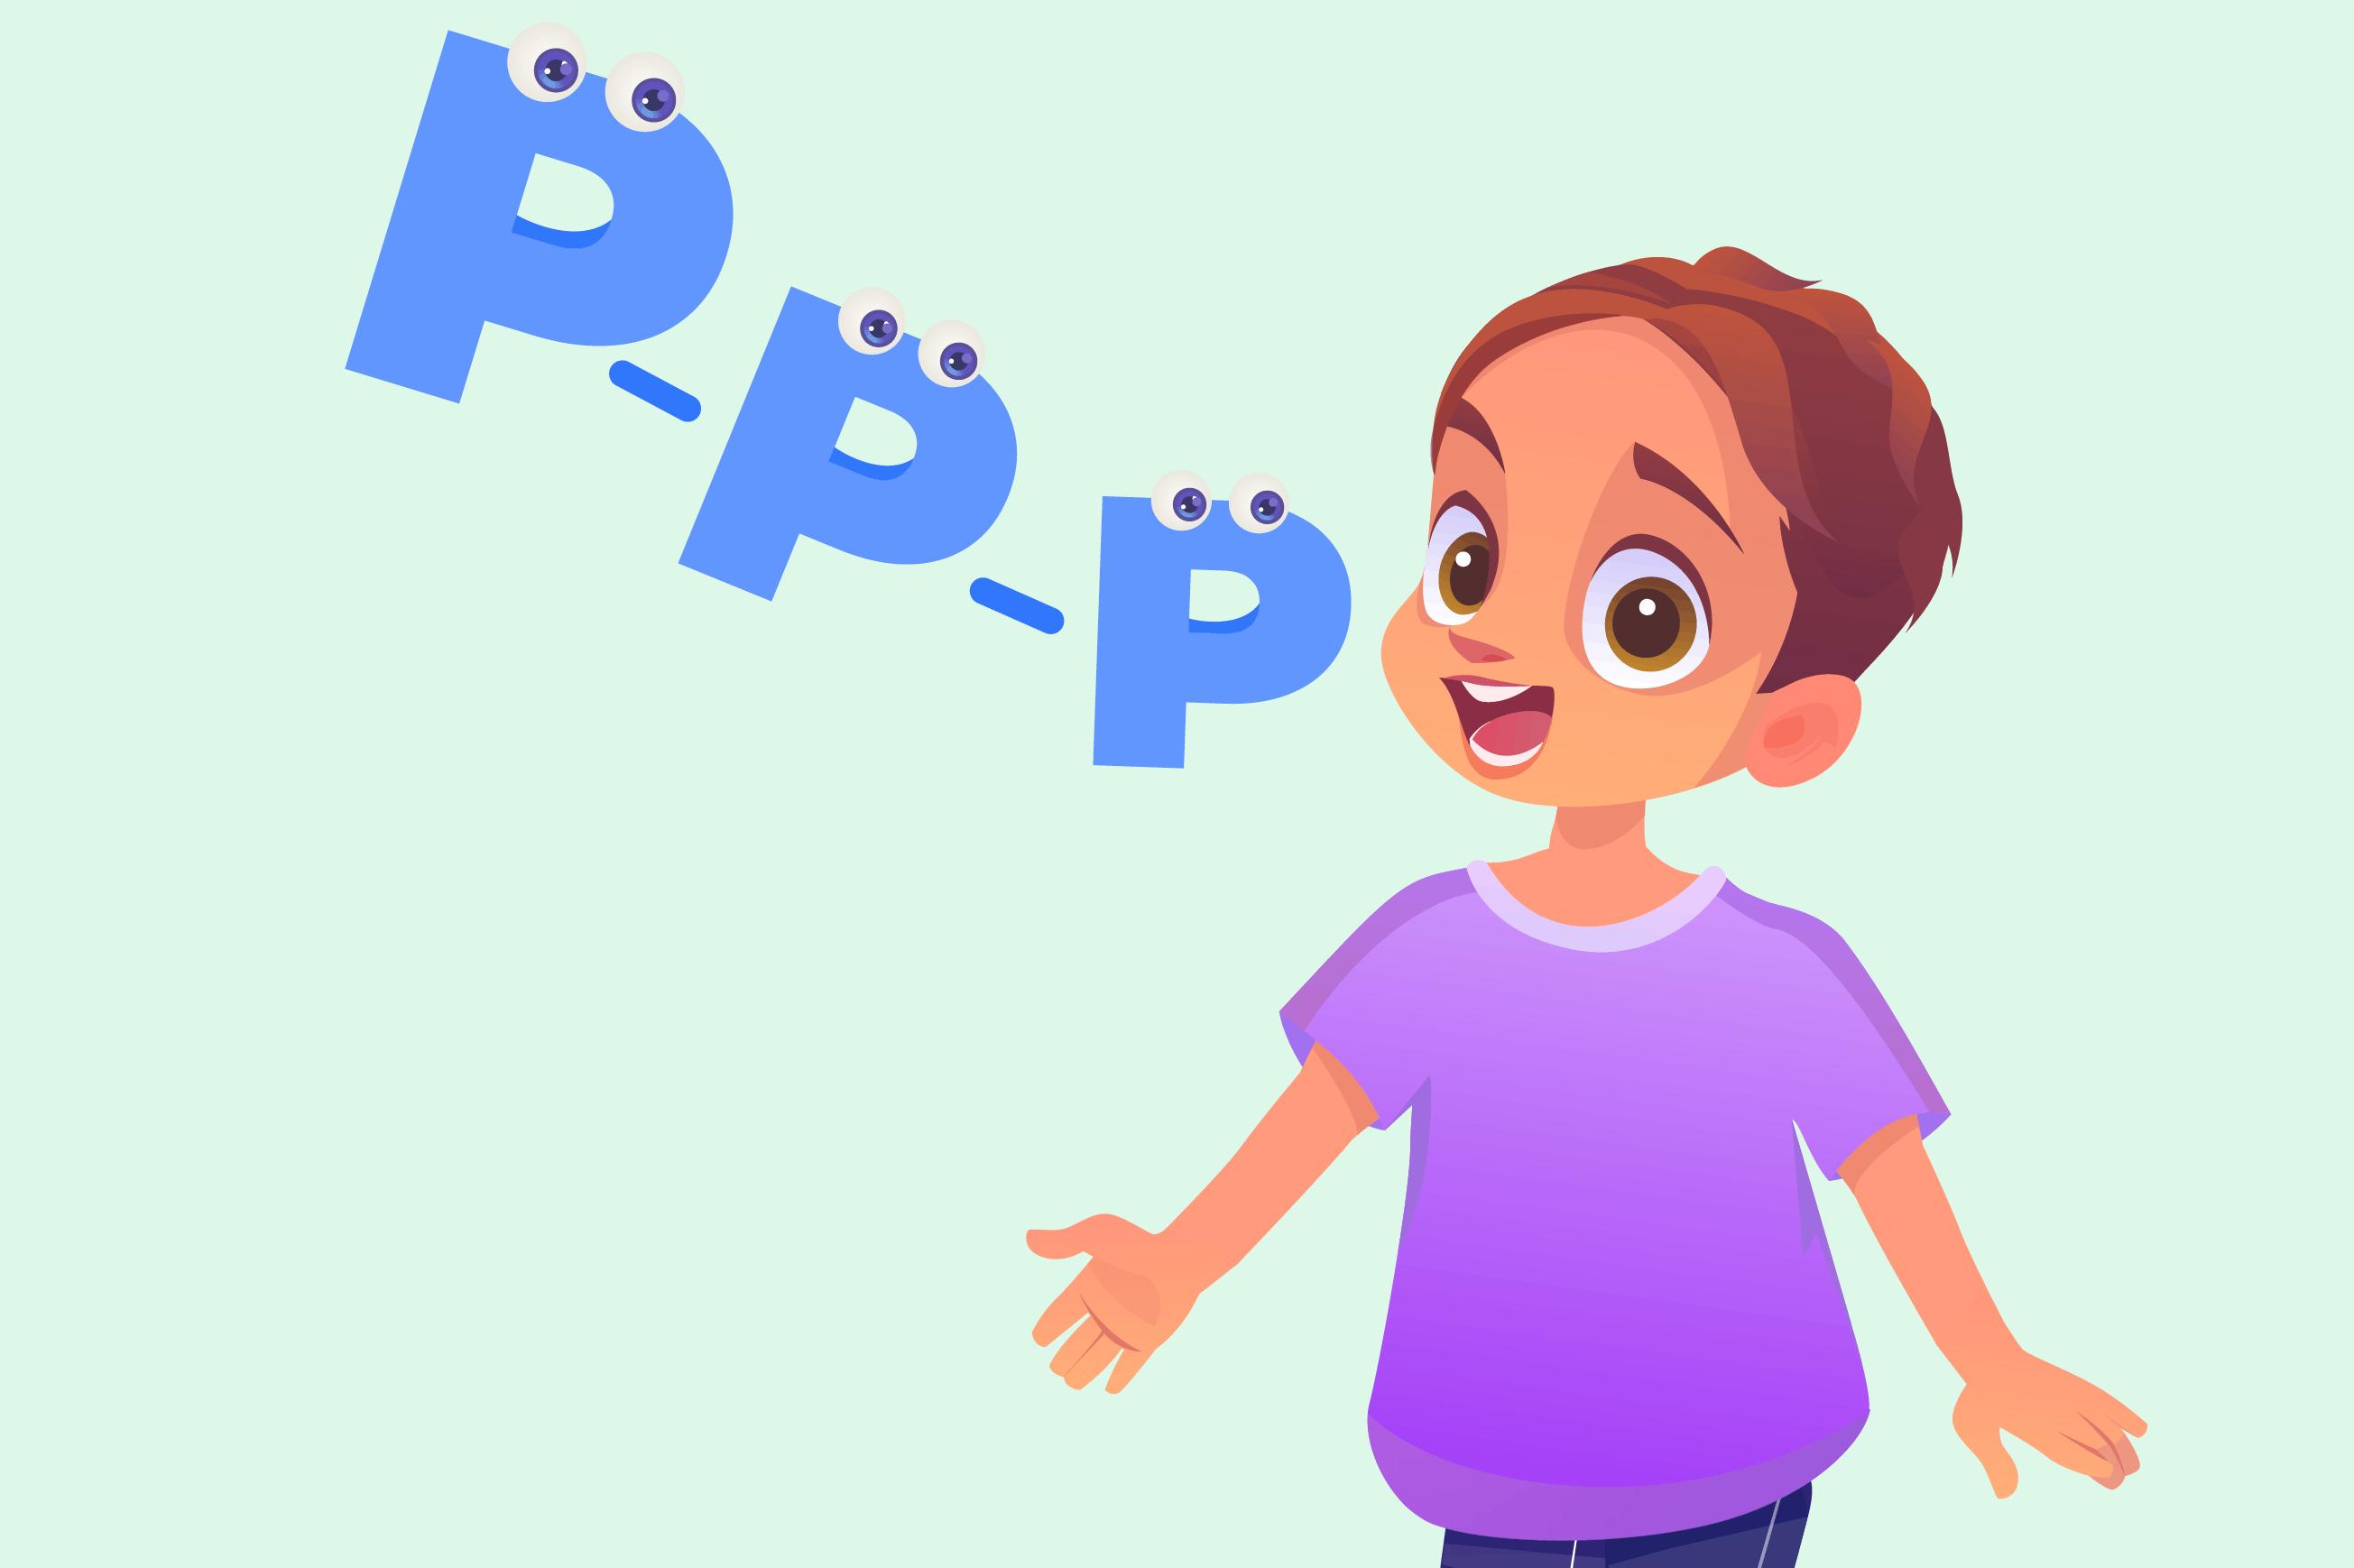 трудности в чтении для ребенка-билингва